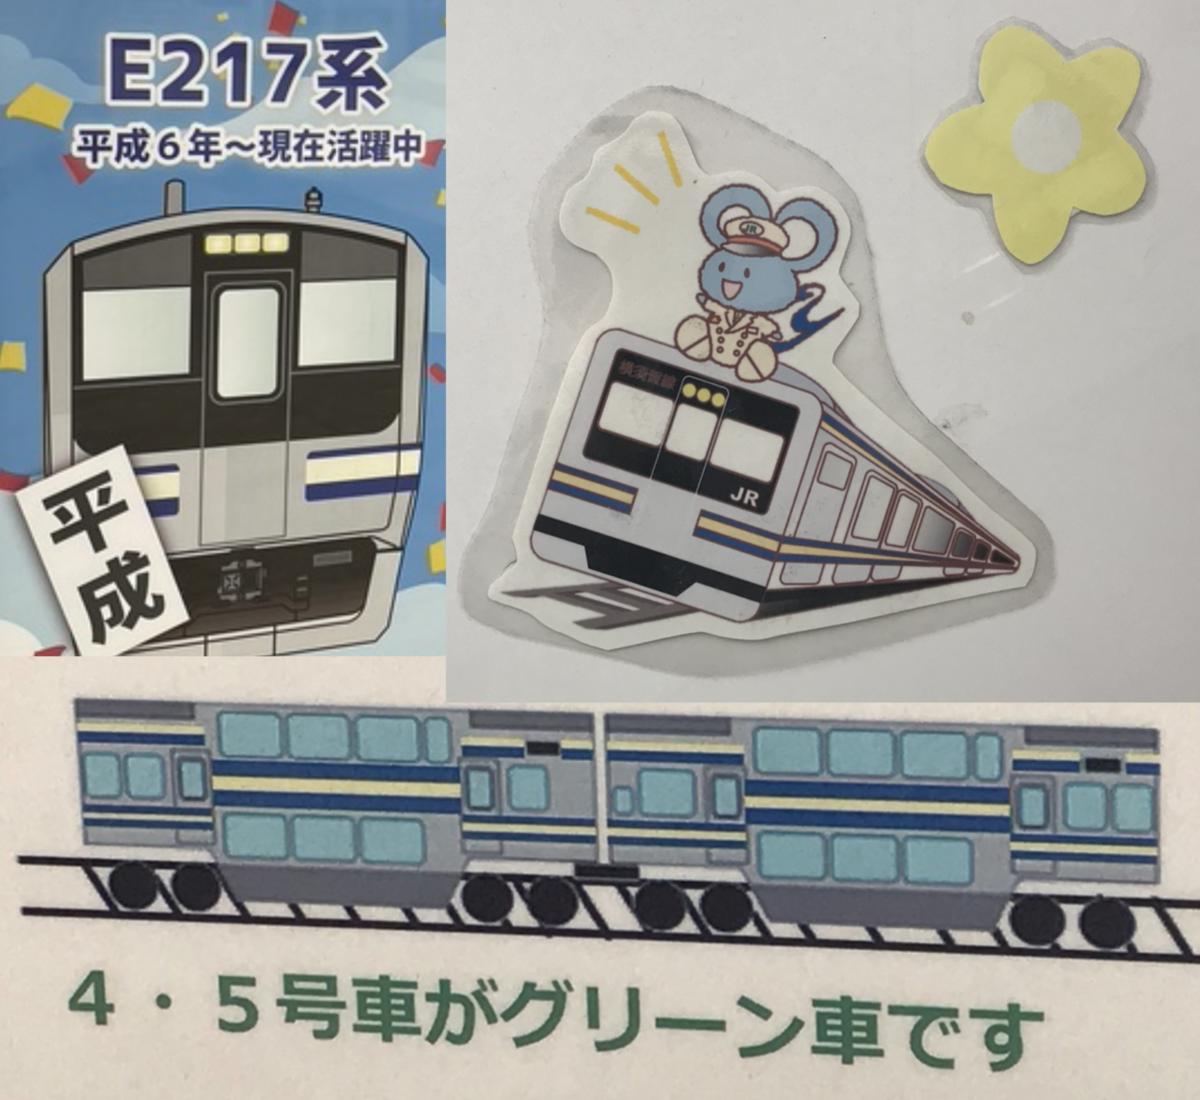 横浜駅構内で見ることができたE217系のイラストたち 2021年9月時点では確認できなかったが、復帰や新しいイラストも見られるかもしれない